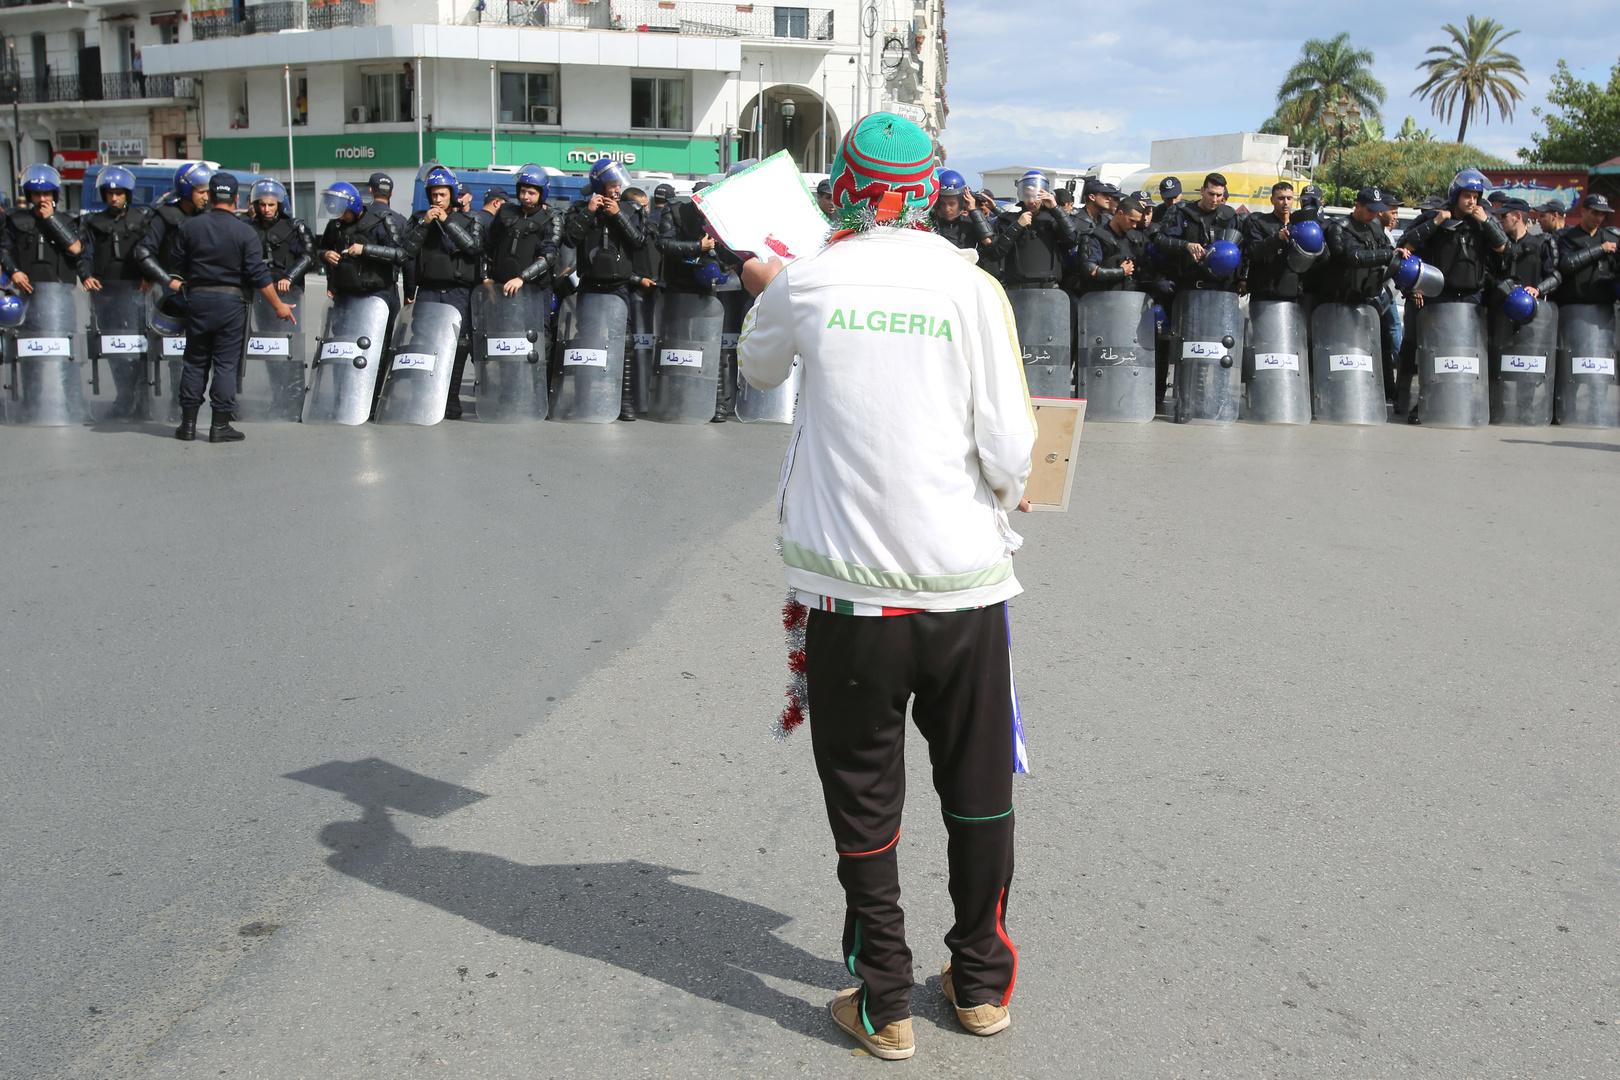 مواطن جزائري يقف أمام عناصر من الشرطة الجزائرية